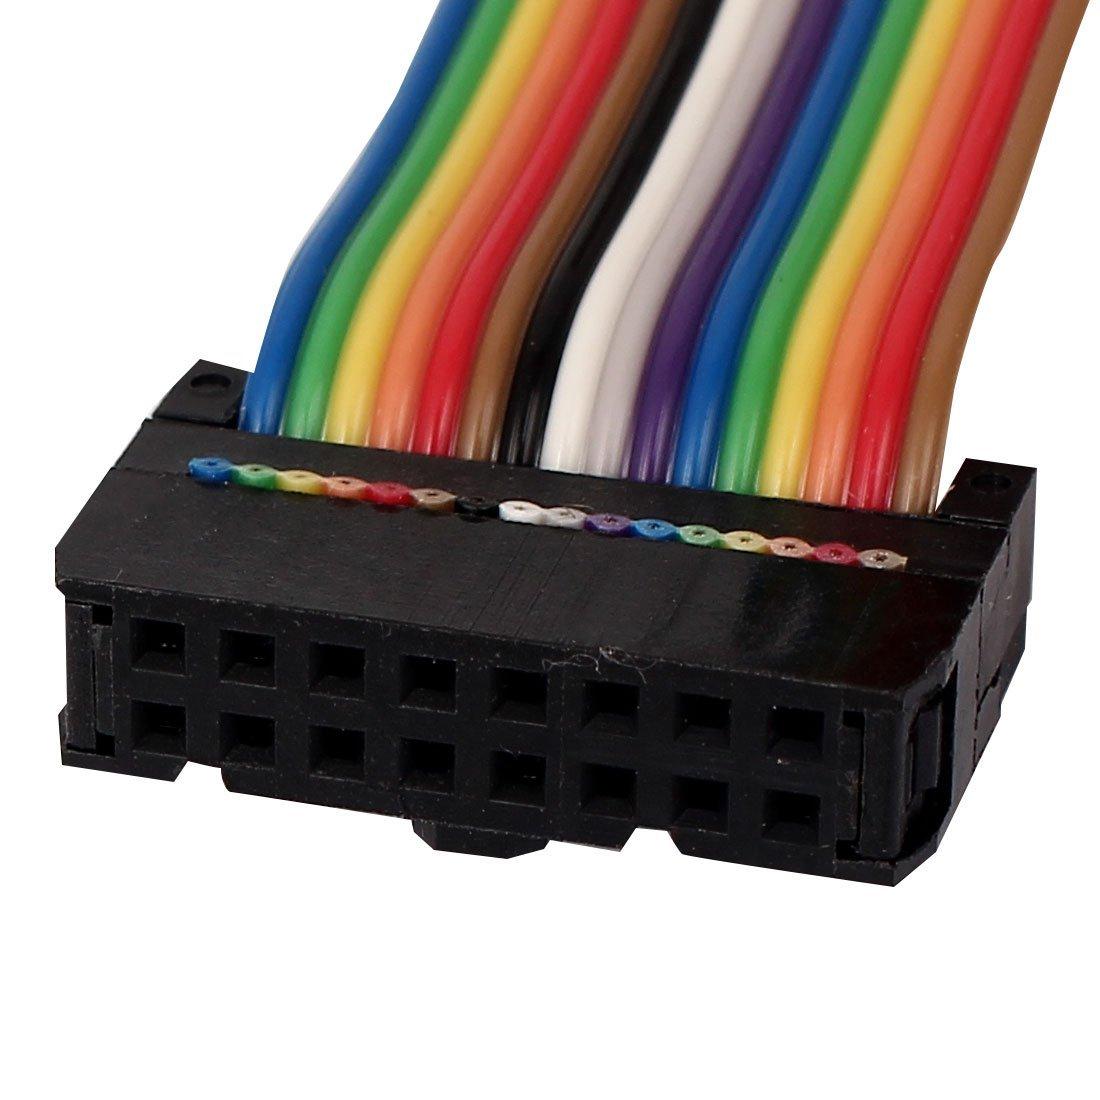 eDealMax connettore IDC cavo a nastro, 50 cm, 16 pin, 16 Way, F/F, Colore dell'arcobaleno per DIY, 2 pezzi